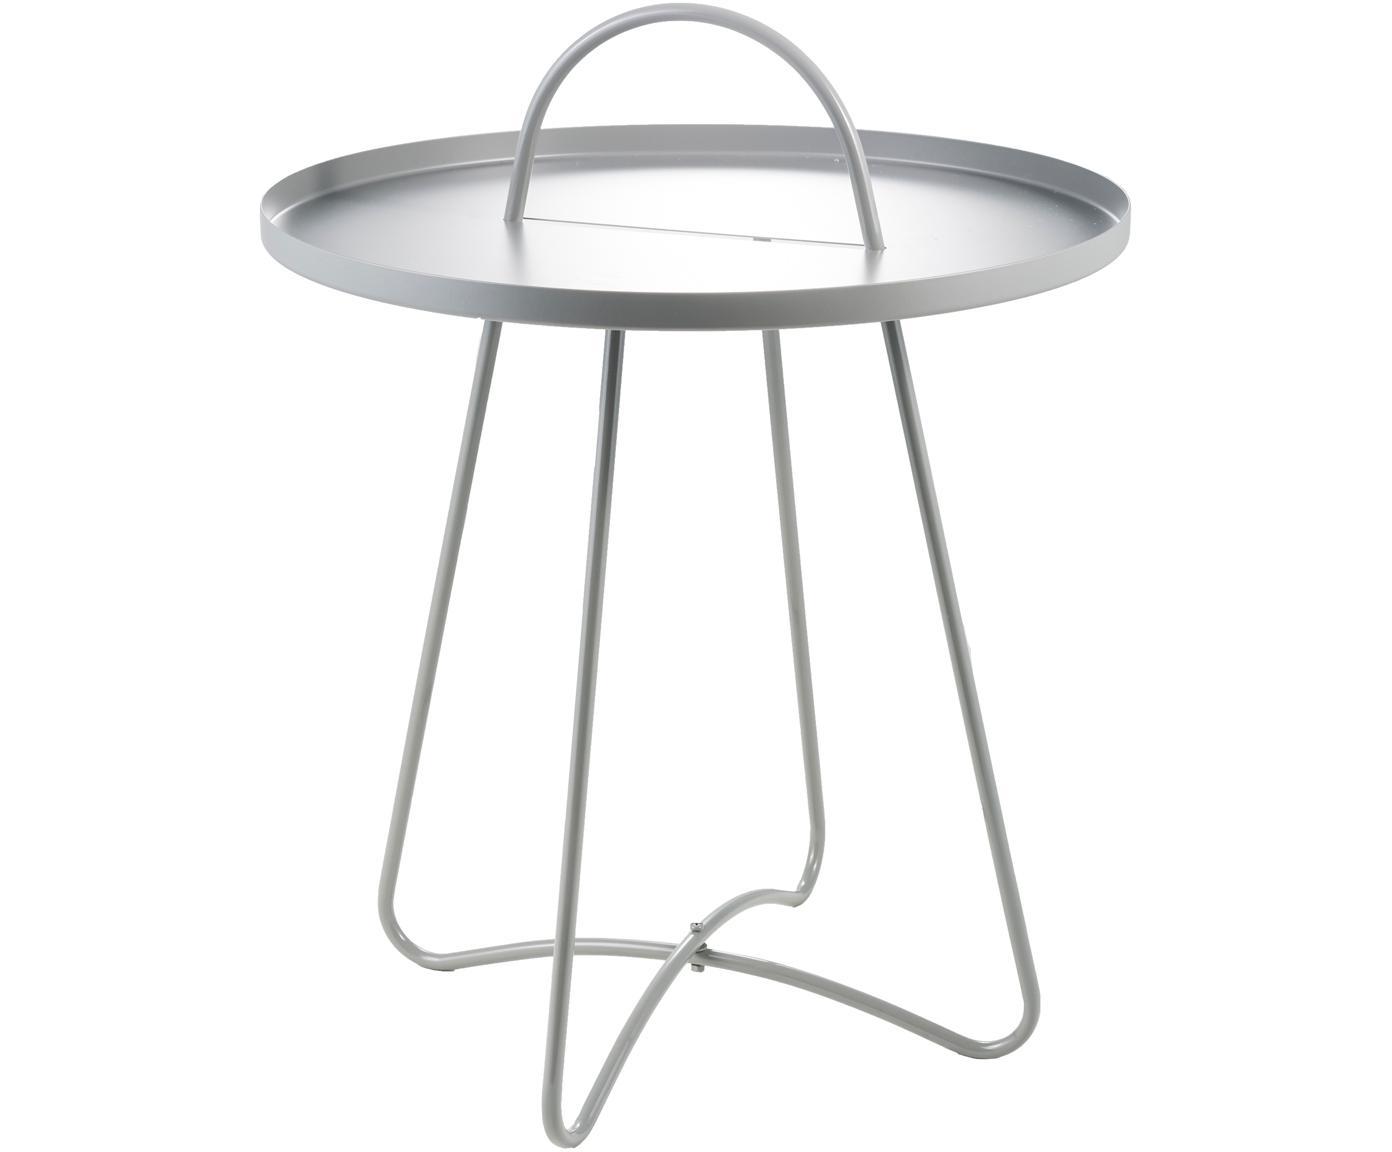 Stolik pomocniczy z metalu Pronto, Metal powlekany, Jasny szary, Ø 46 x W 58 cm